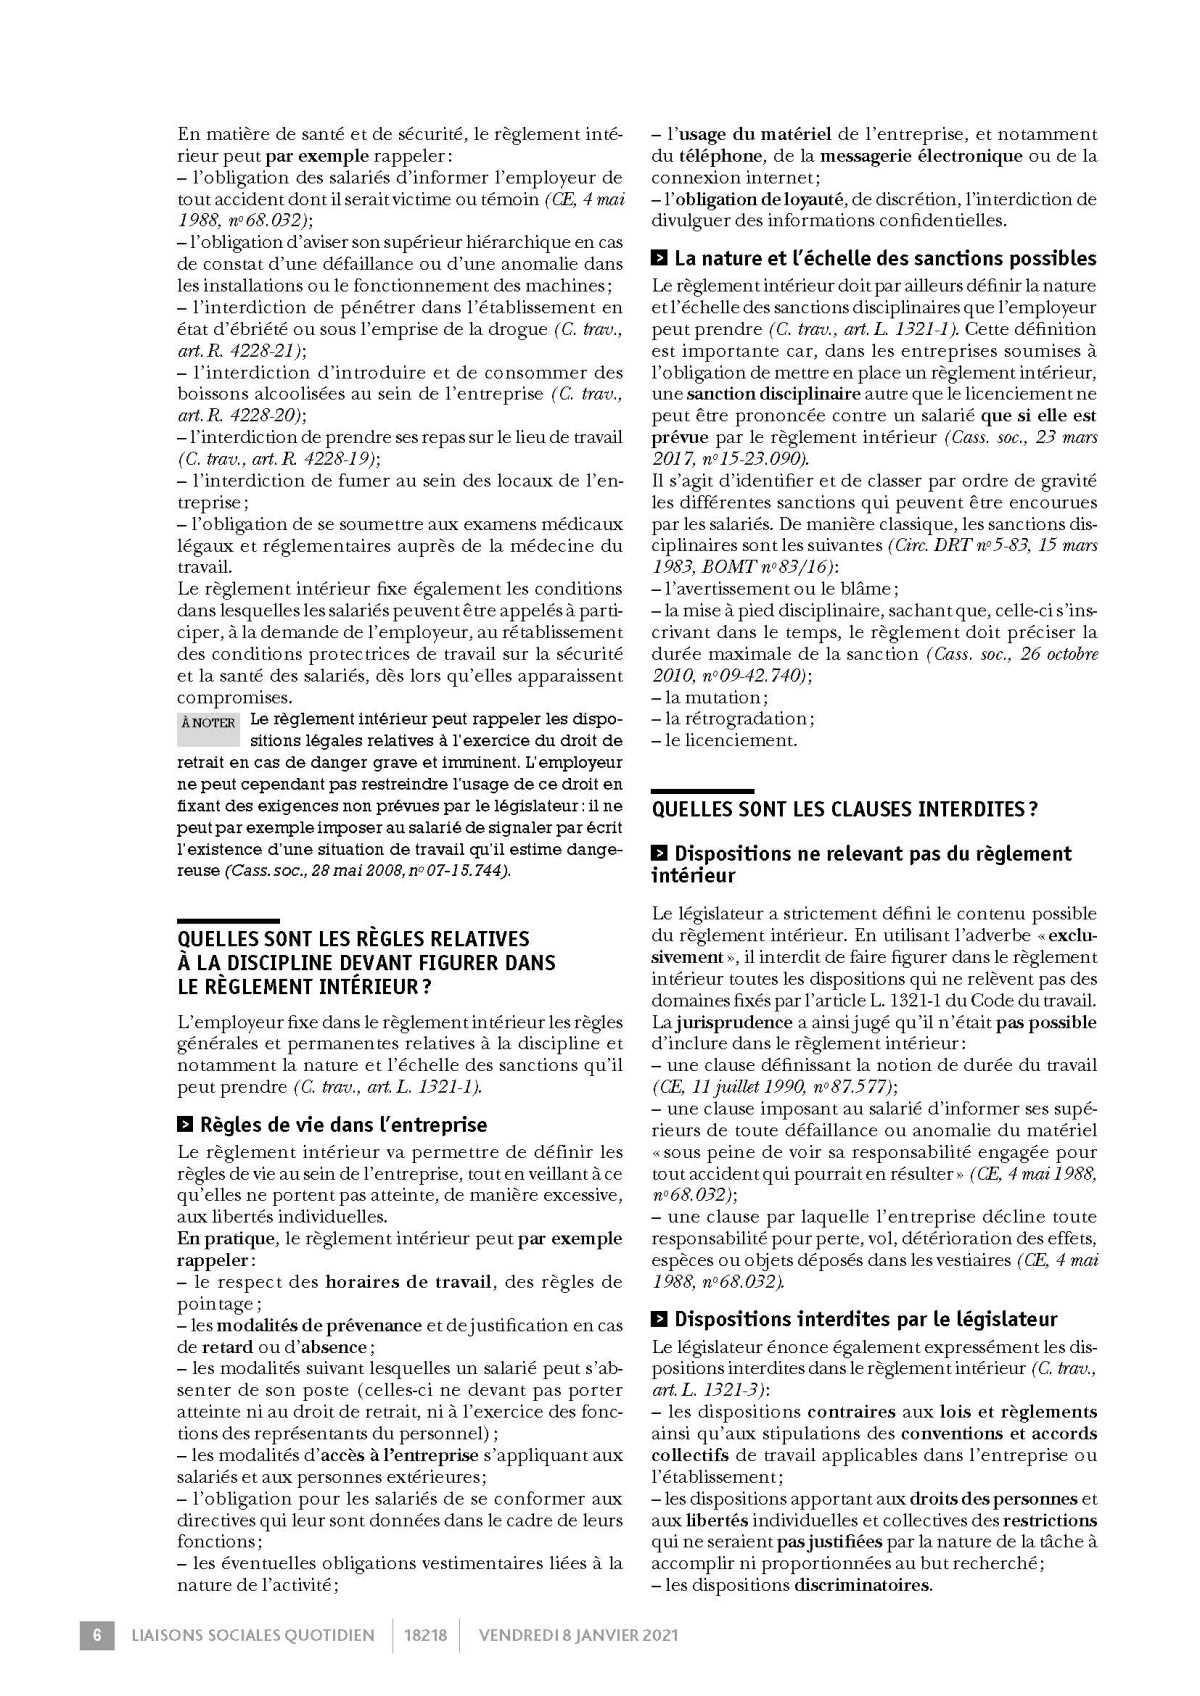 LSQ Règlement Interieur entreprise